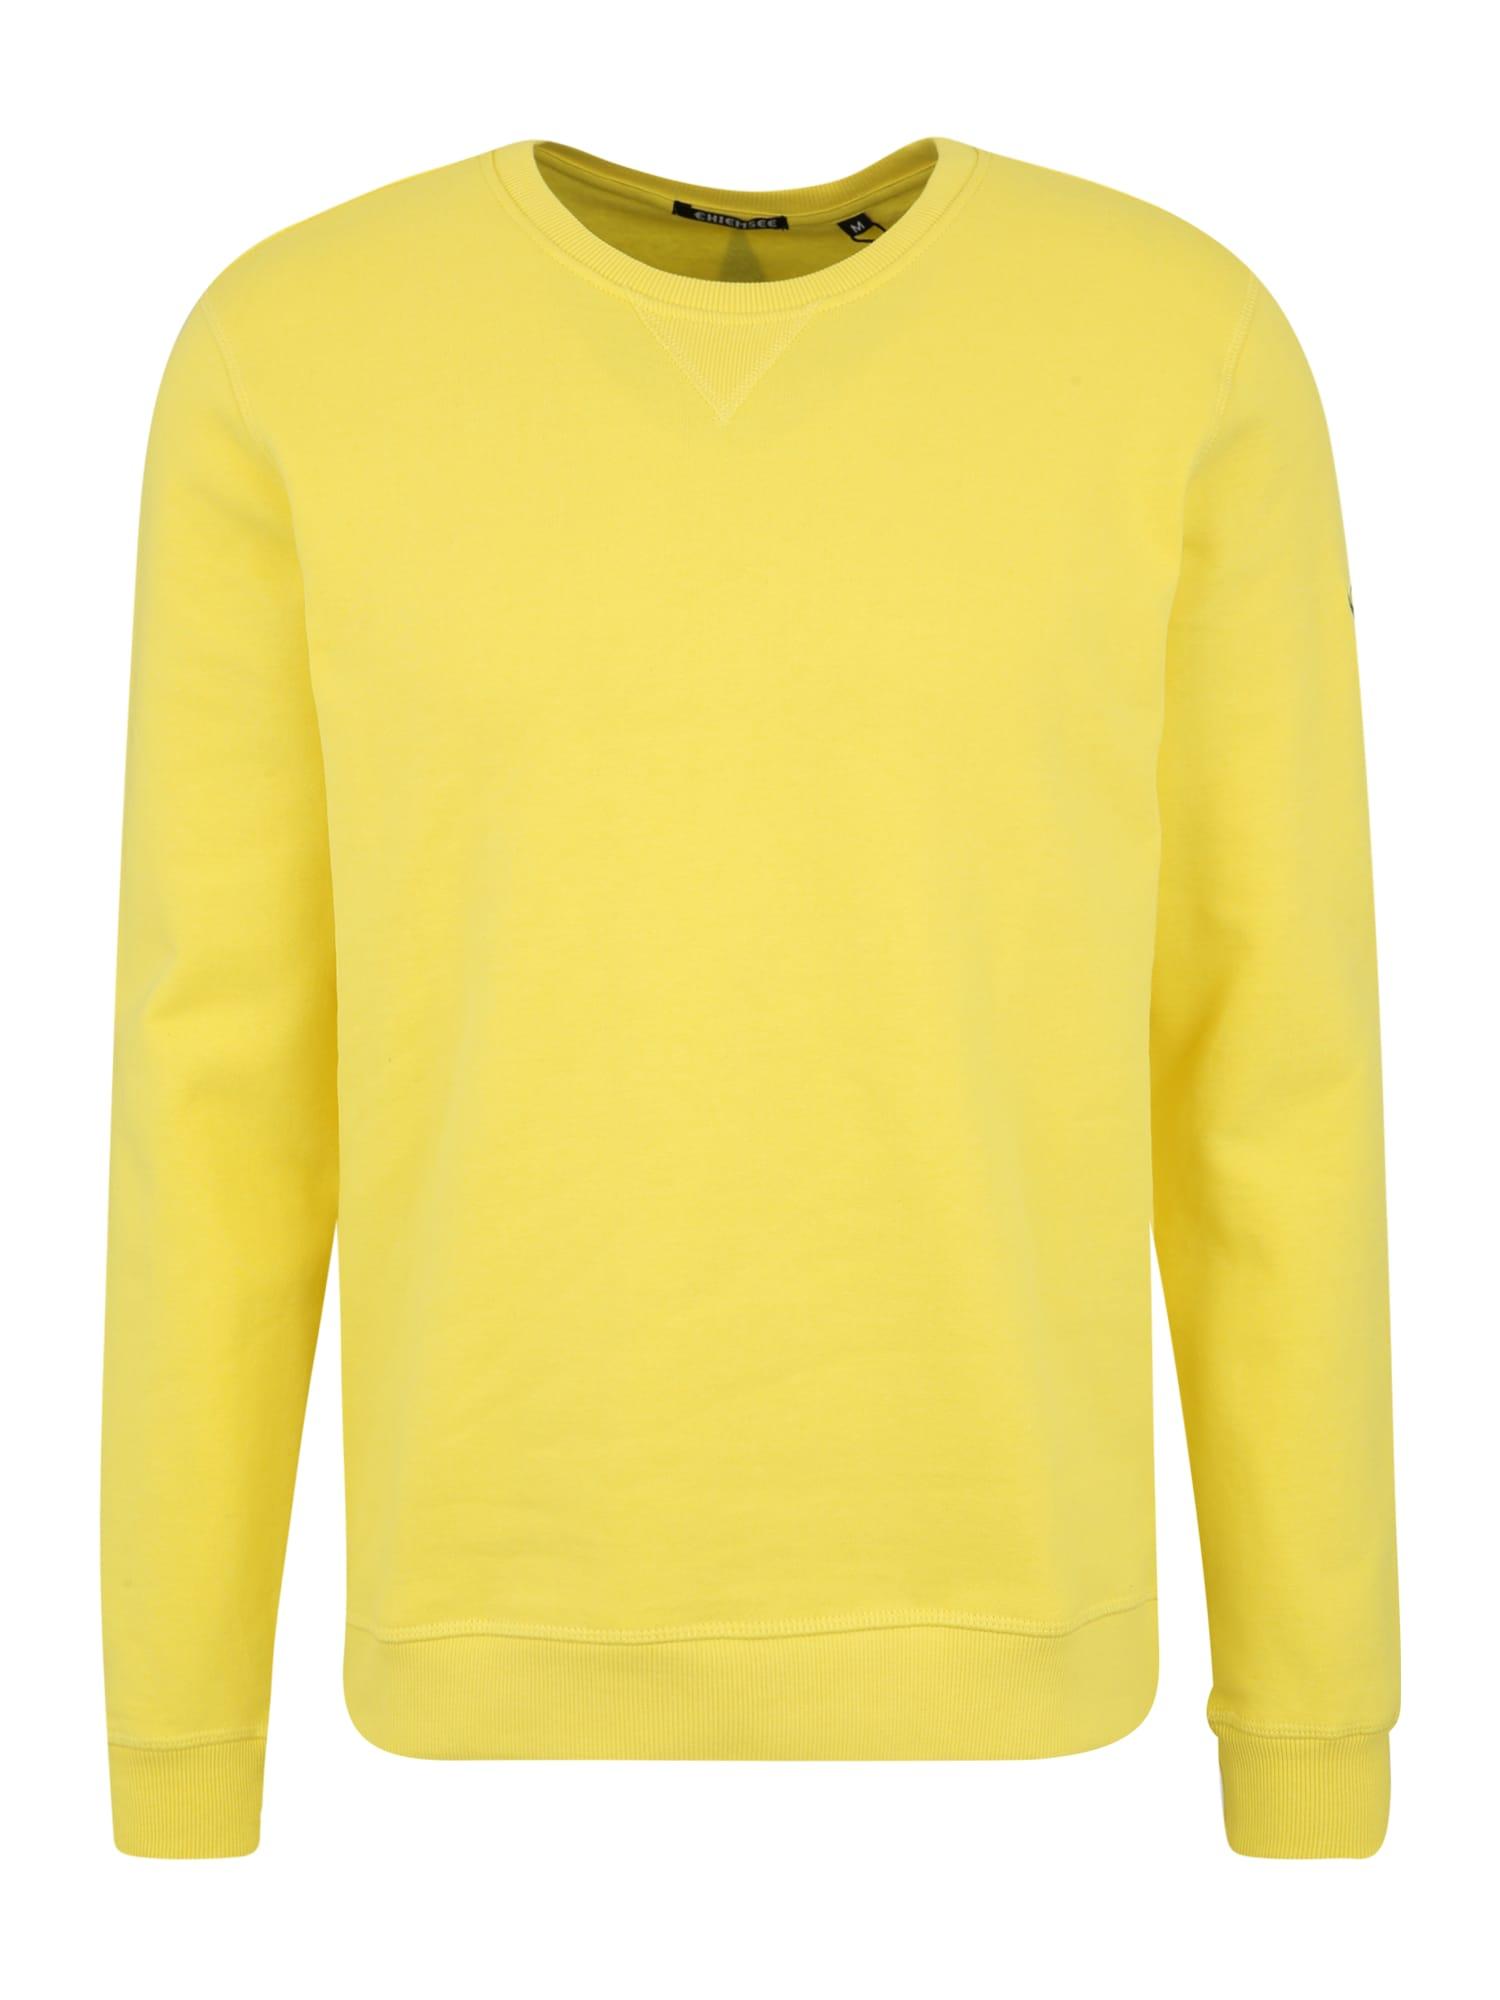 CHIEMSEE Sportinio tipo megztinis geltona